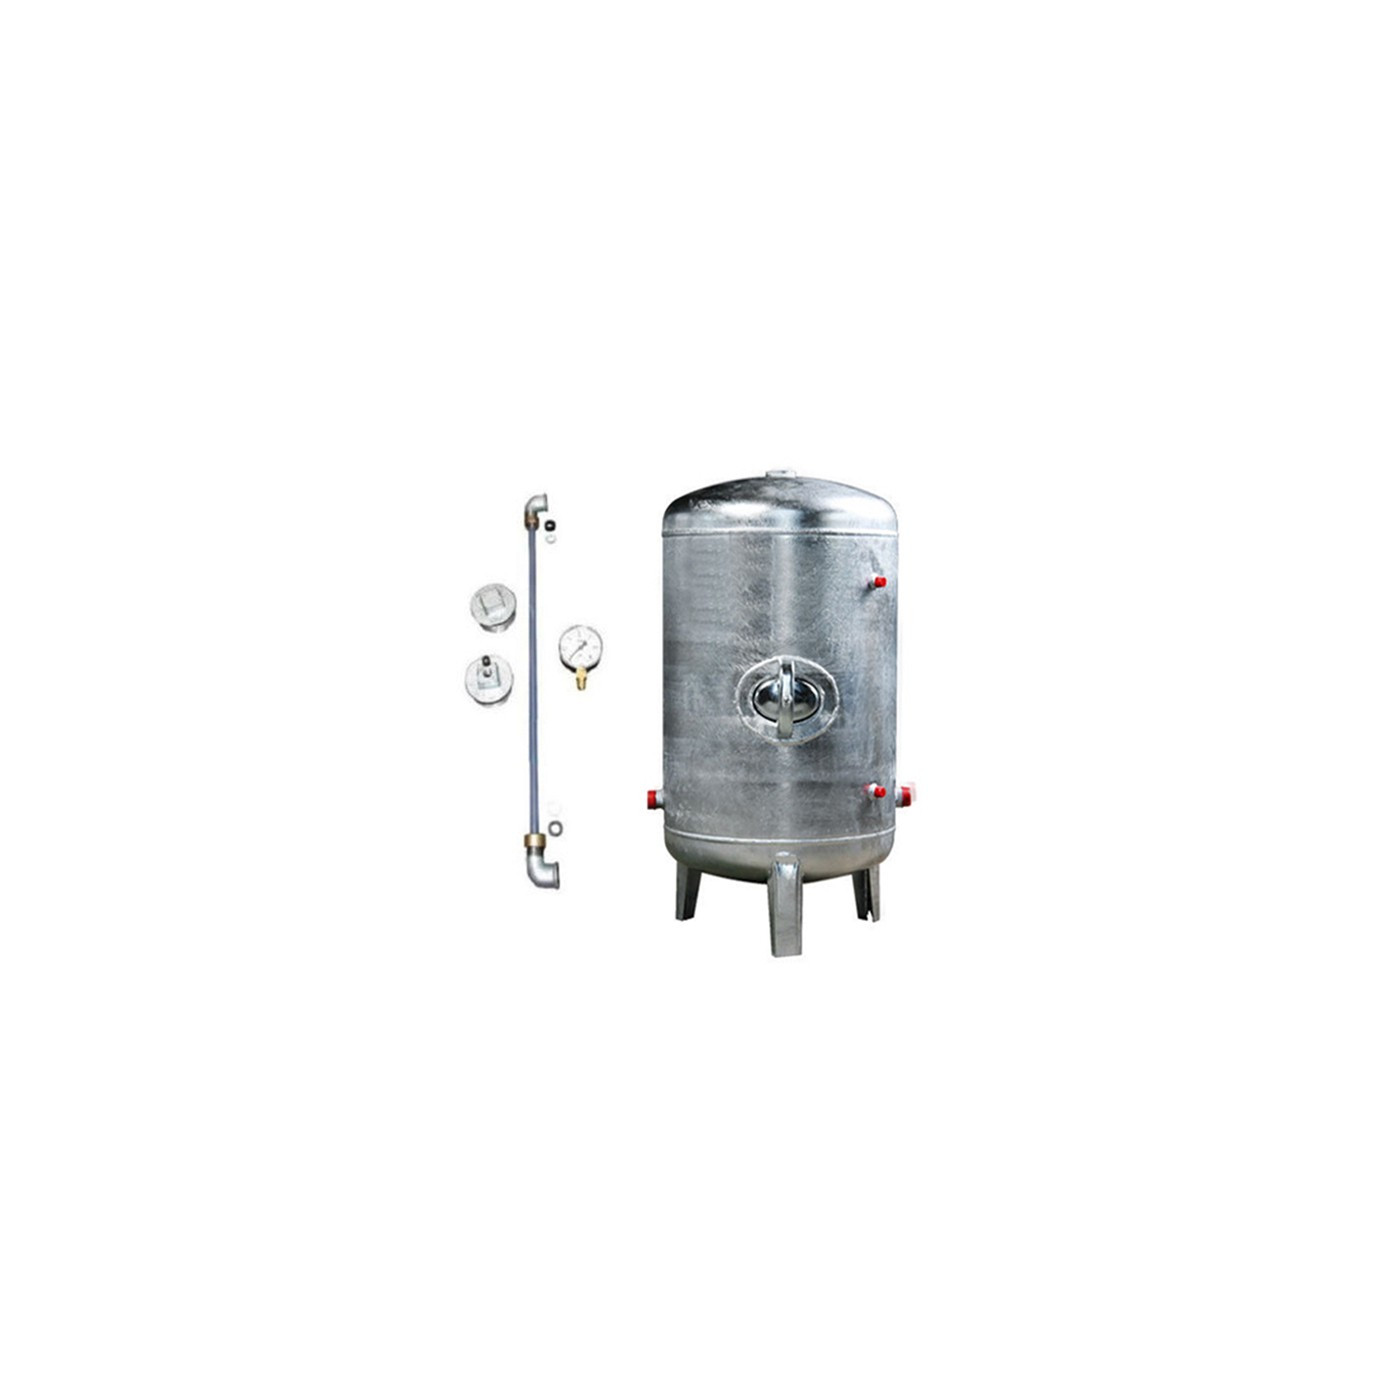 druckbeh lter 100 bis 500l 6 bar senkrecht mit zubeh r verzinkt druckkessel f r hauswasserwerk. Black Bedroom Furniture Sets. Home Design Ideas